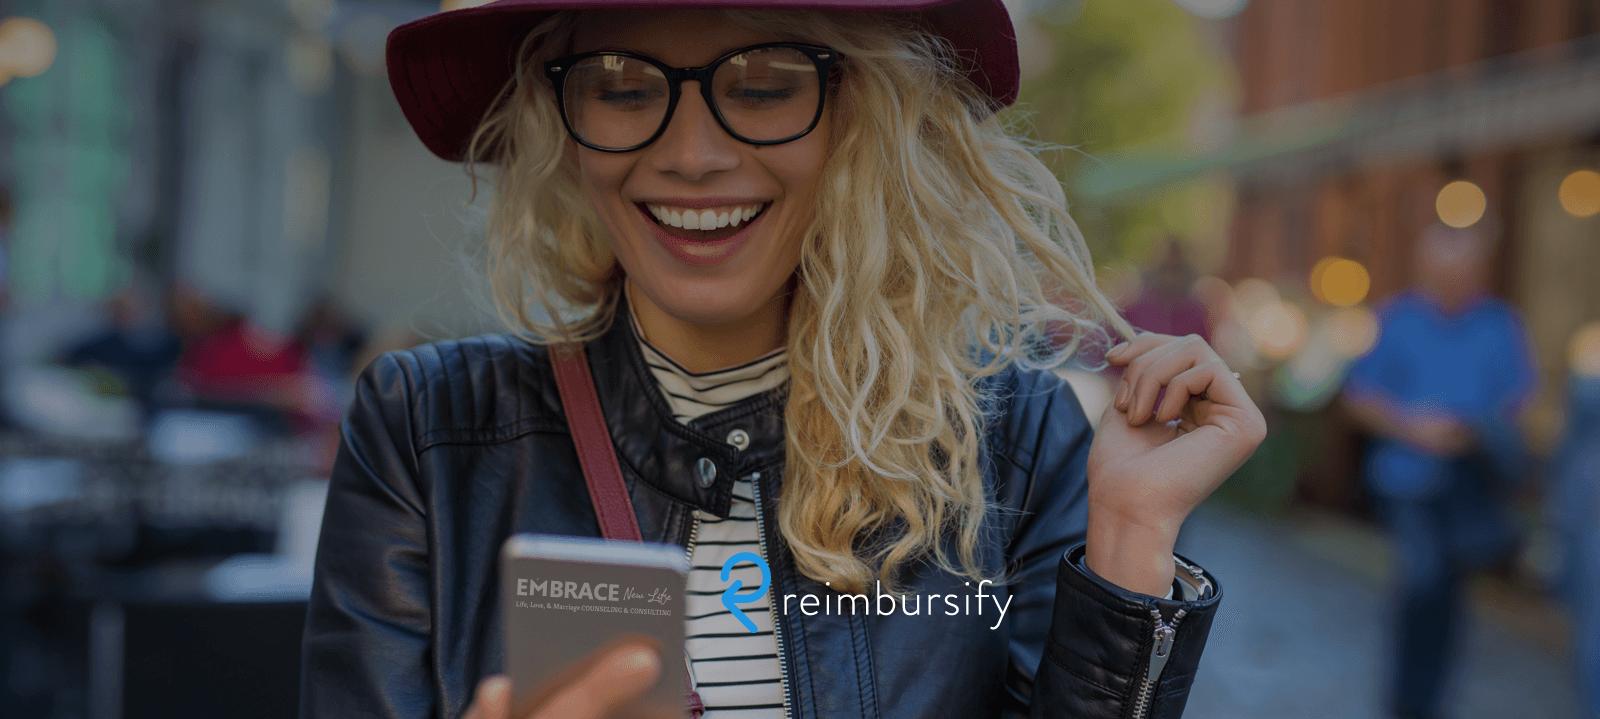 ENL client use Reimbursify